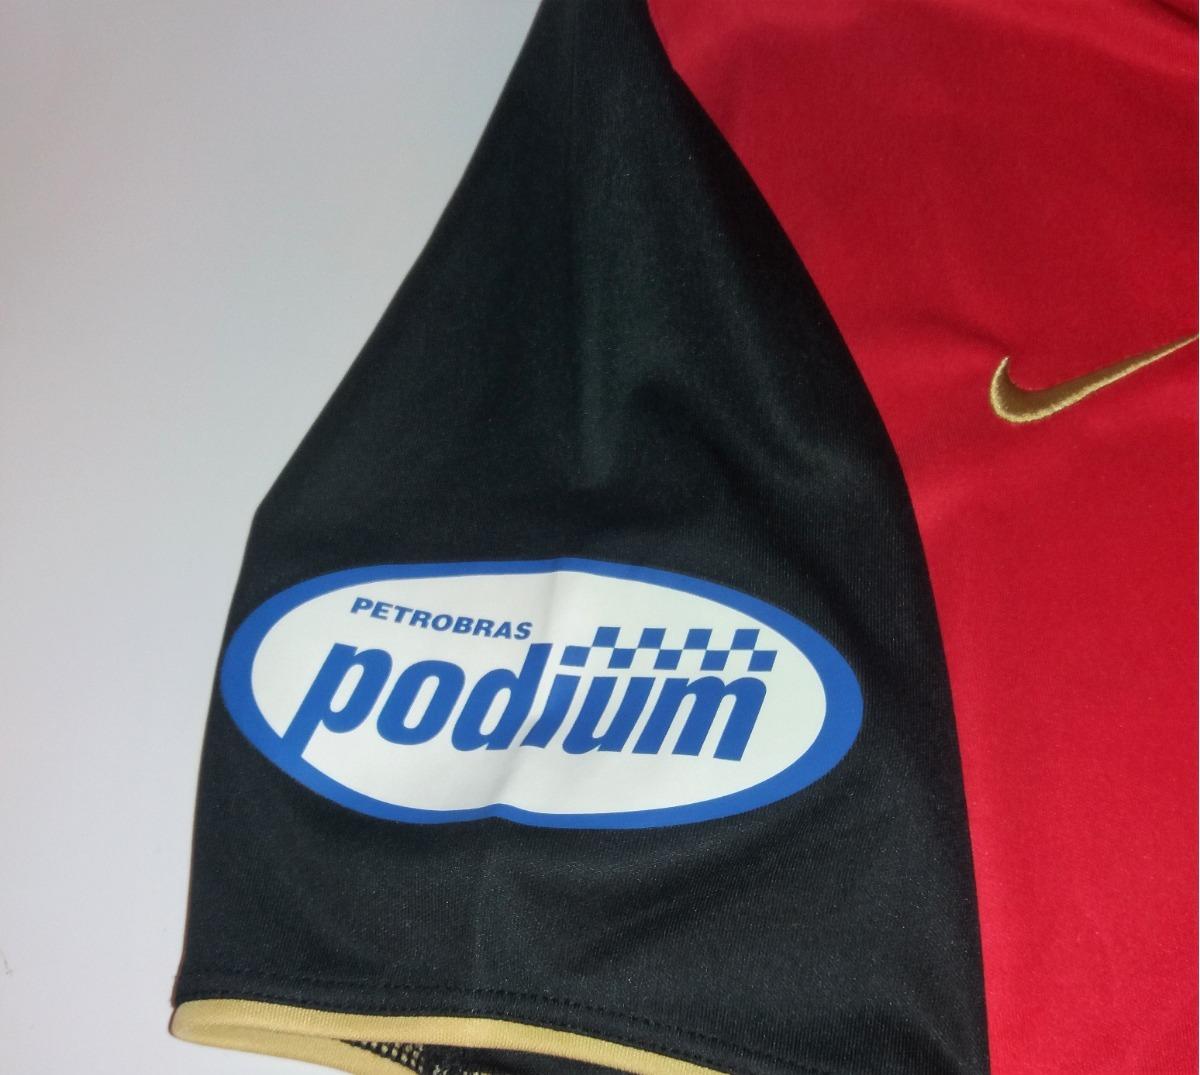 camisa flamengo (tam.p)  nike  2008  perfeita  rara  . Carregando zoom. 492cc3b88f271